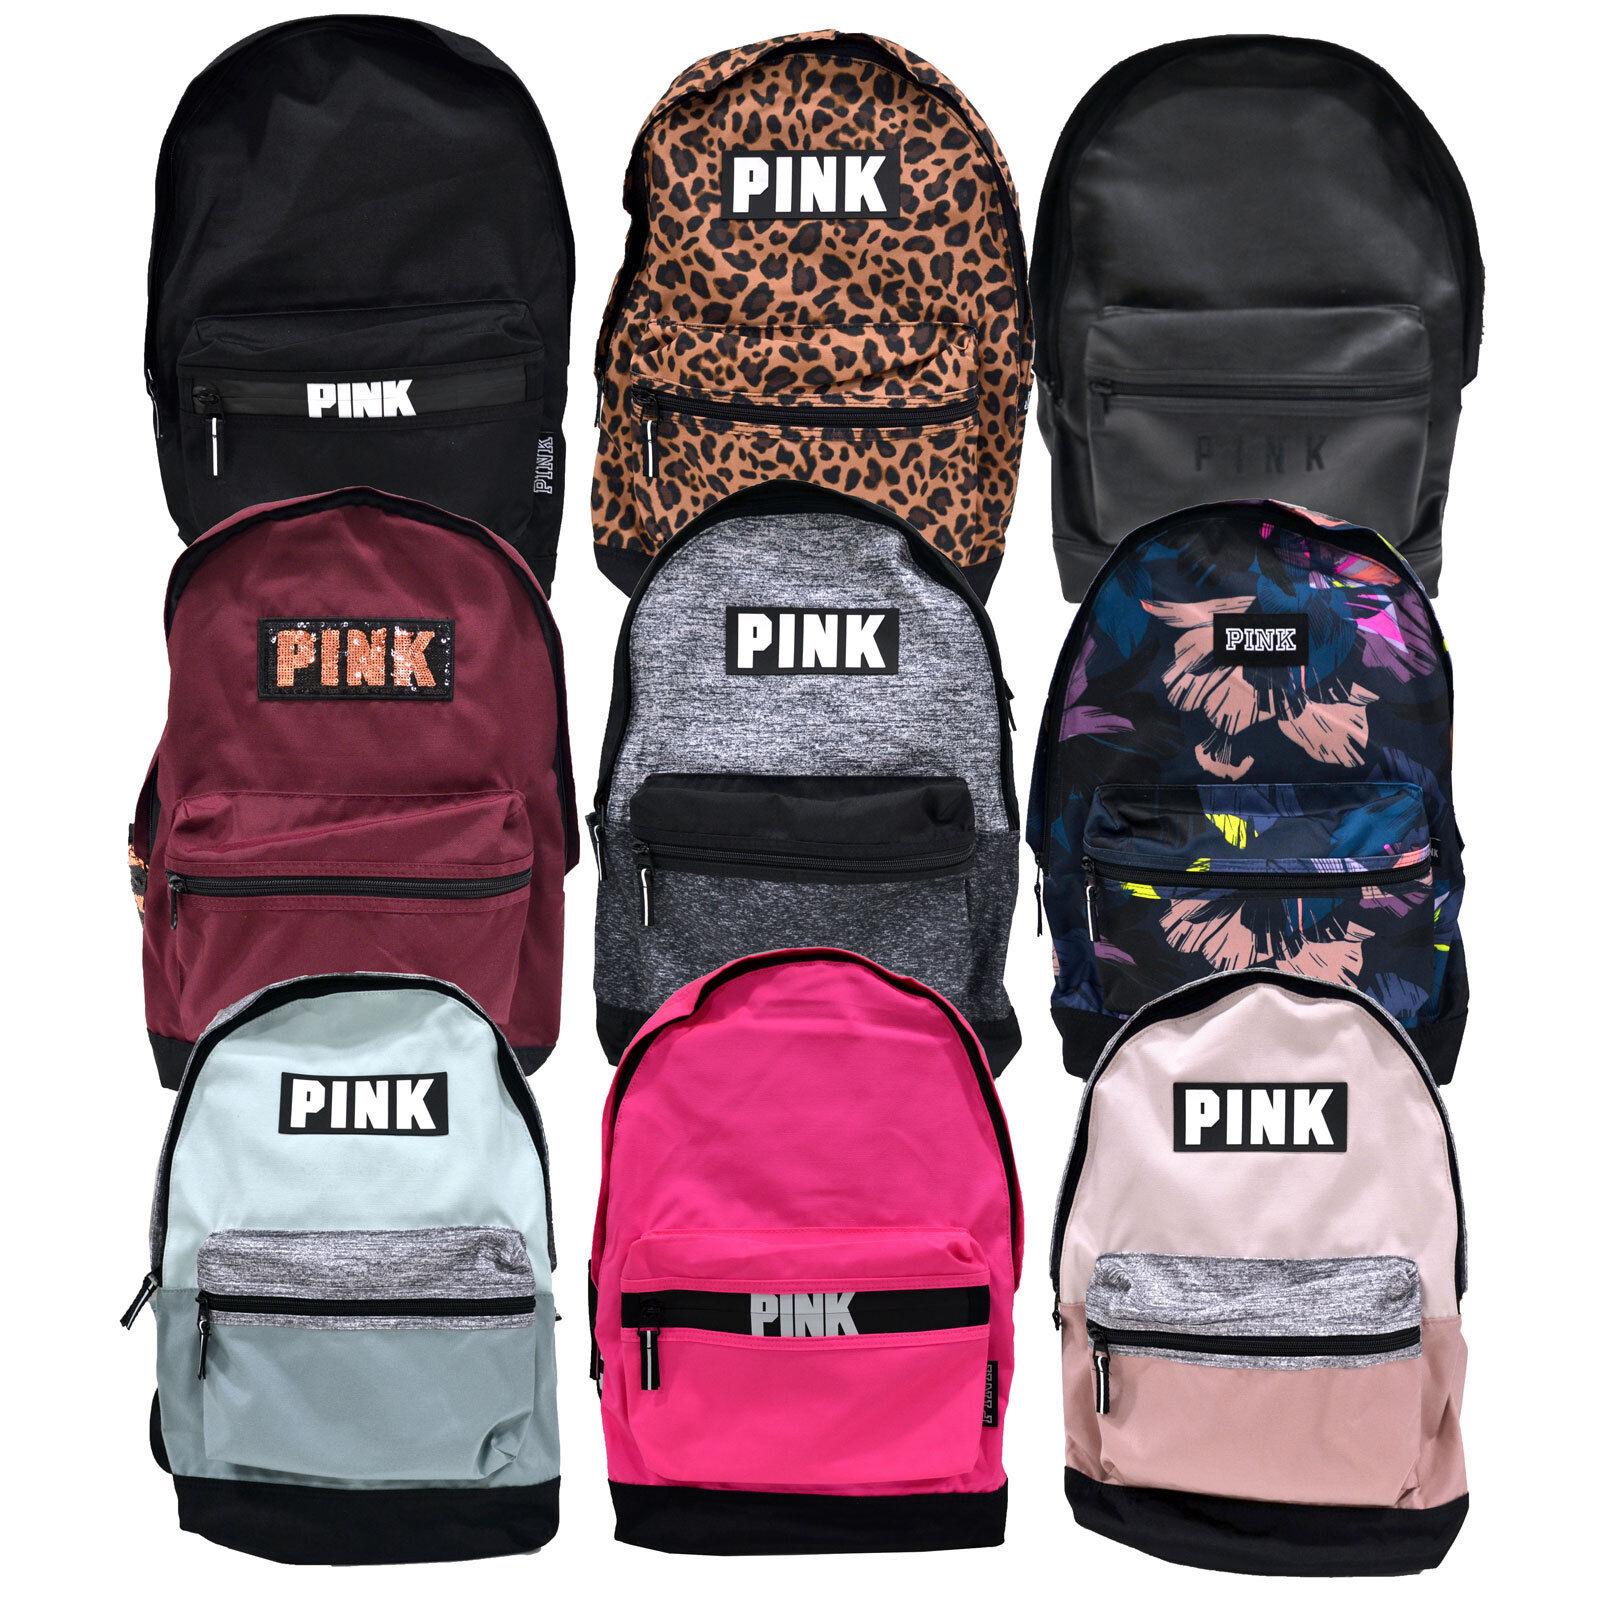 8f134e5d2de Victoria's Secret Pink Campus Backpack Bookbag School Bag Zip Pockets Vs  New Nwt